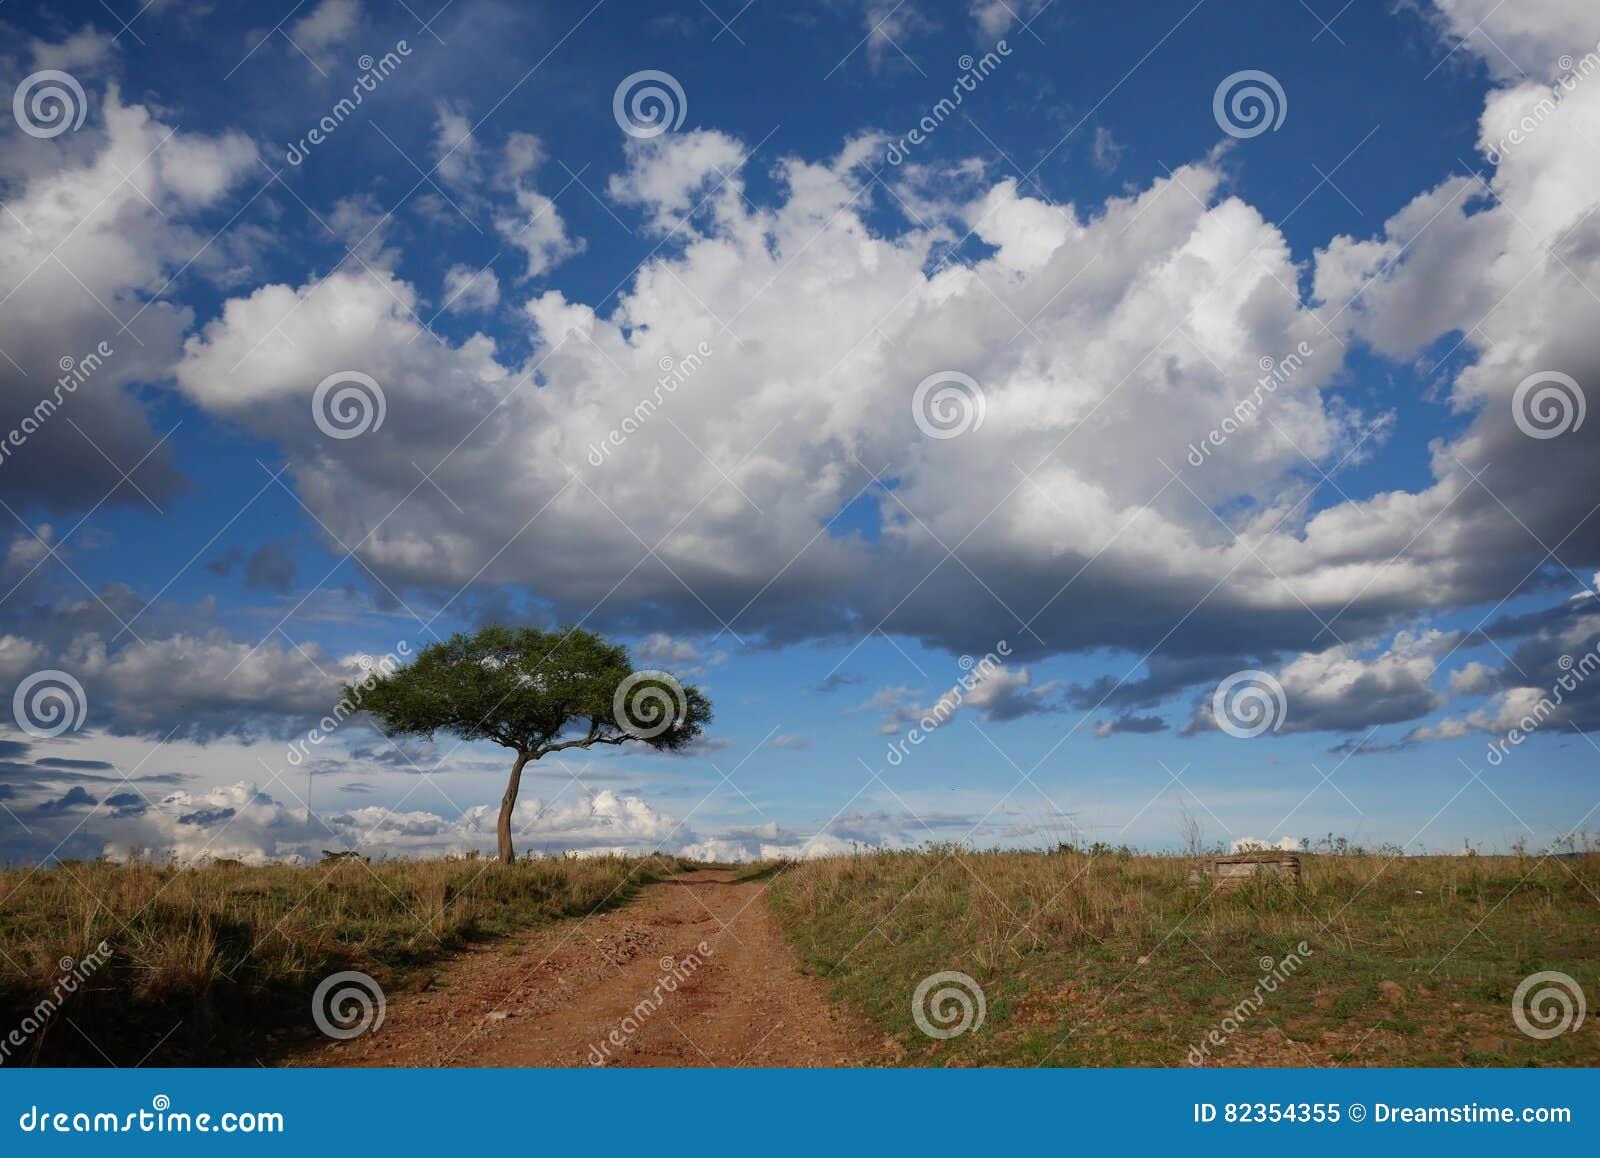 Árbol solitario y cielos nublados 2